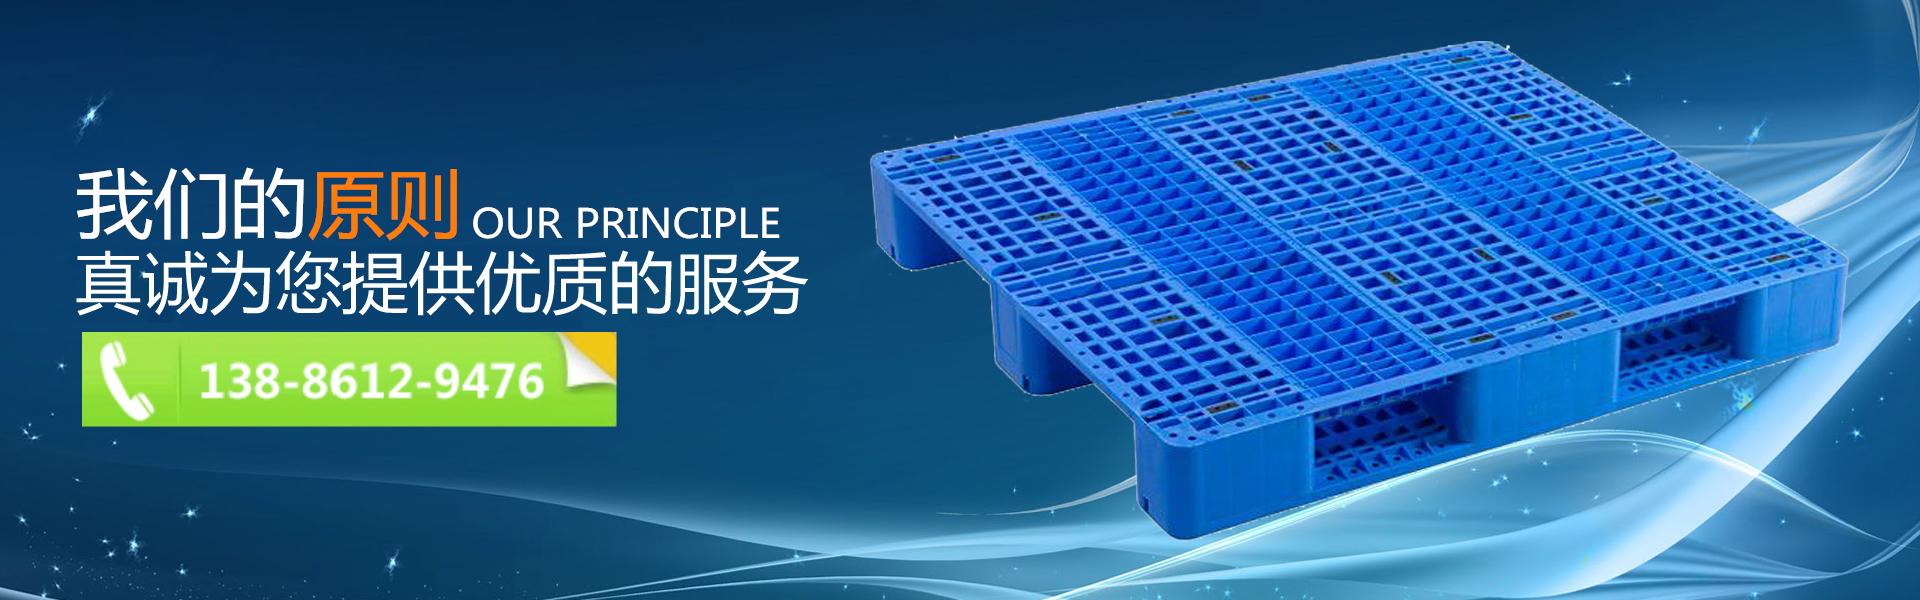 瑞美佳網站大圖-武漢塑料托盤